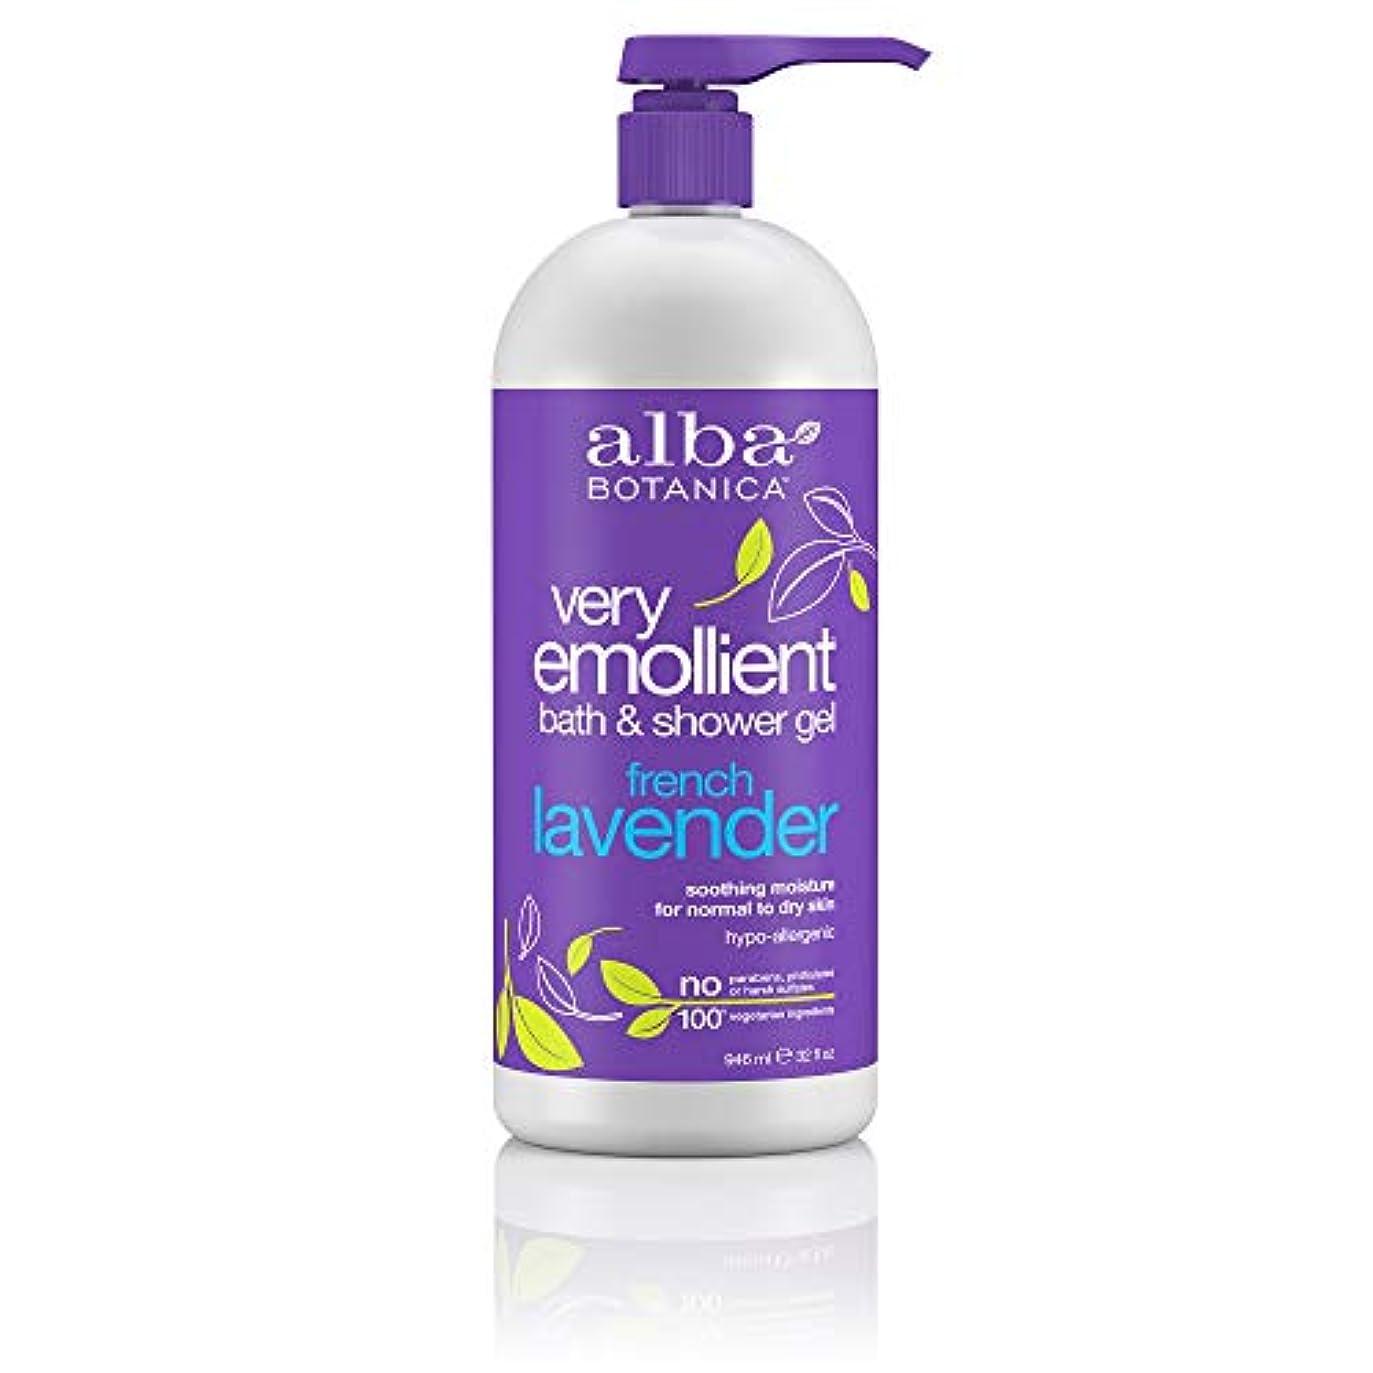 ゆりかご協力する彫刻家Alba Botanica, Very Emollient, Bath & Shower Gel, French Lavender, 32 fl oz (950 ml)